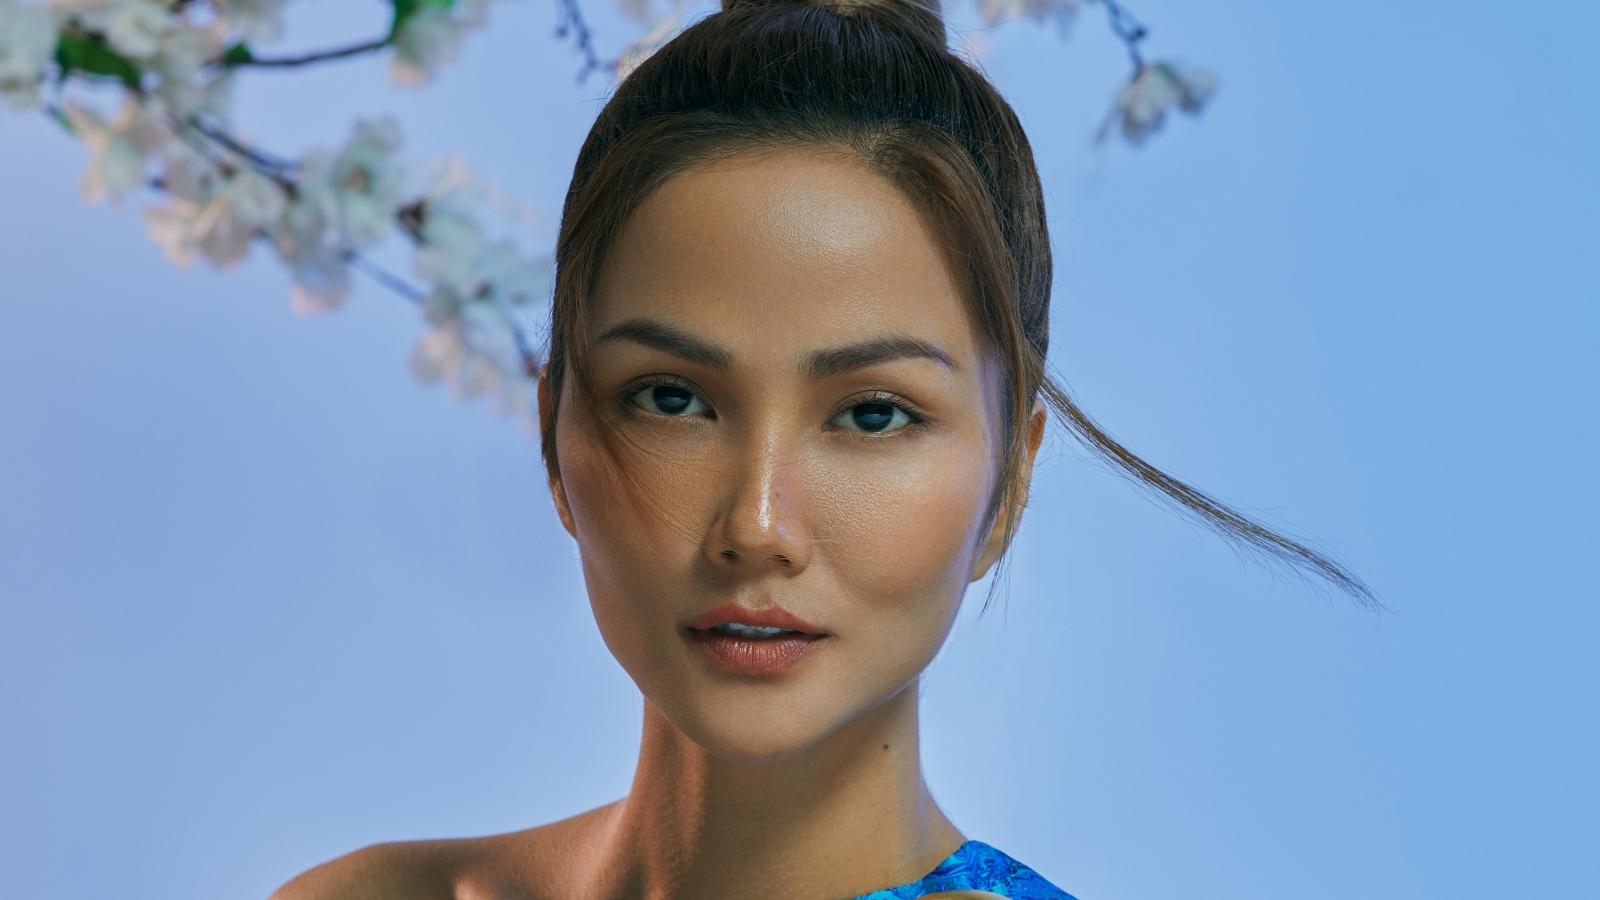 """Hoa hậu H' Hen Niê hoá thân thành """"Raya"""" - nàng công chúa mới nhất của Disney"""